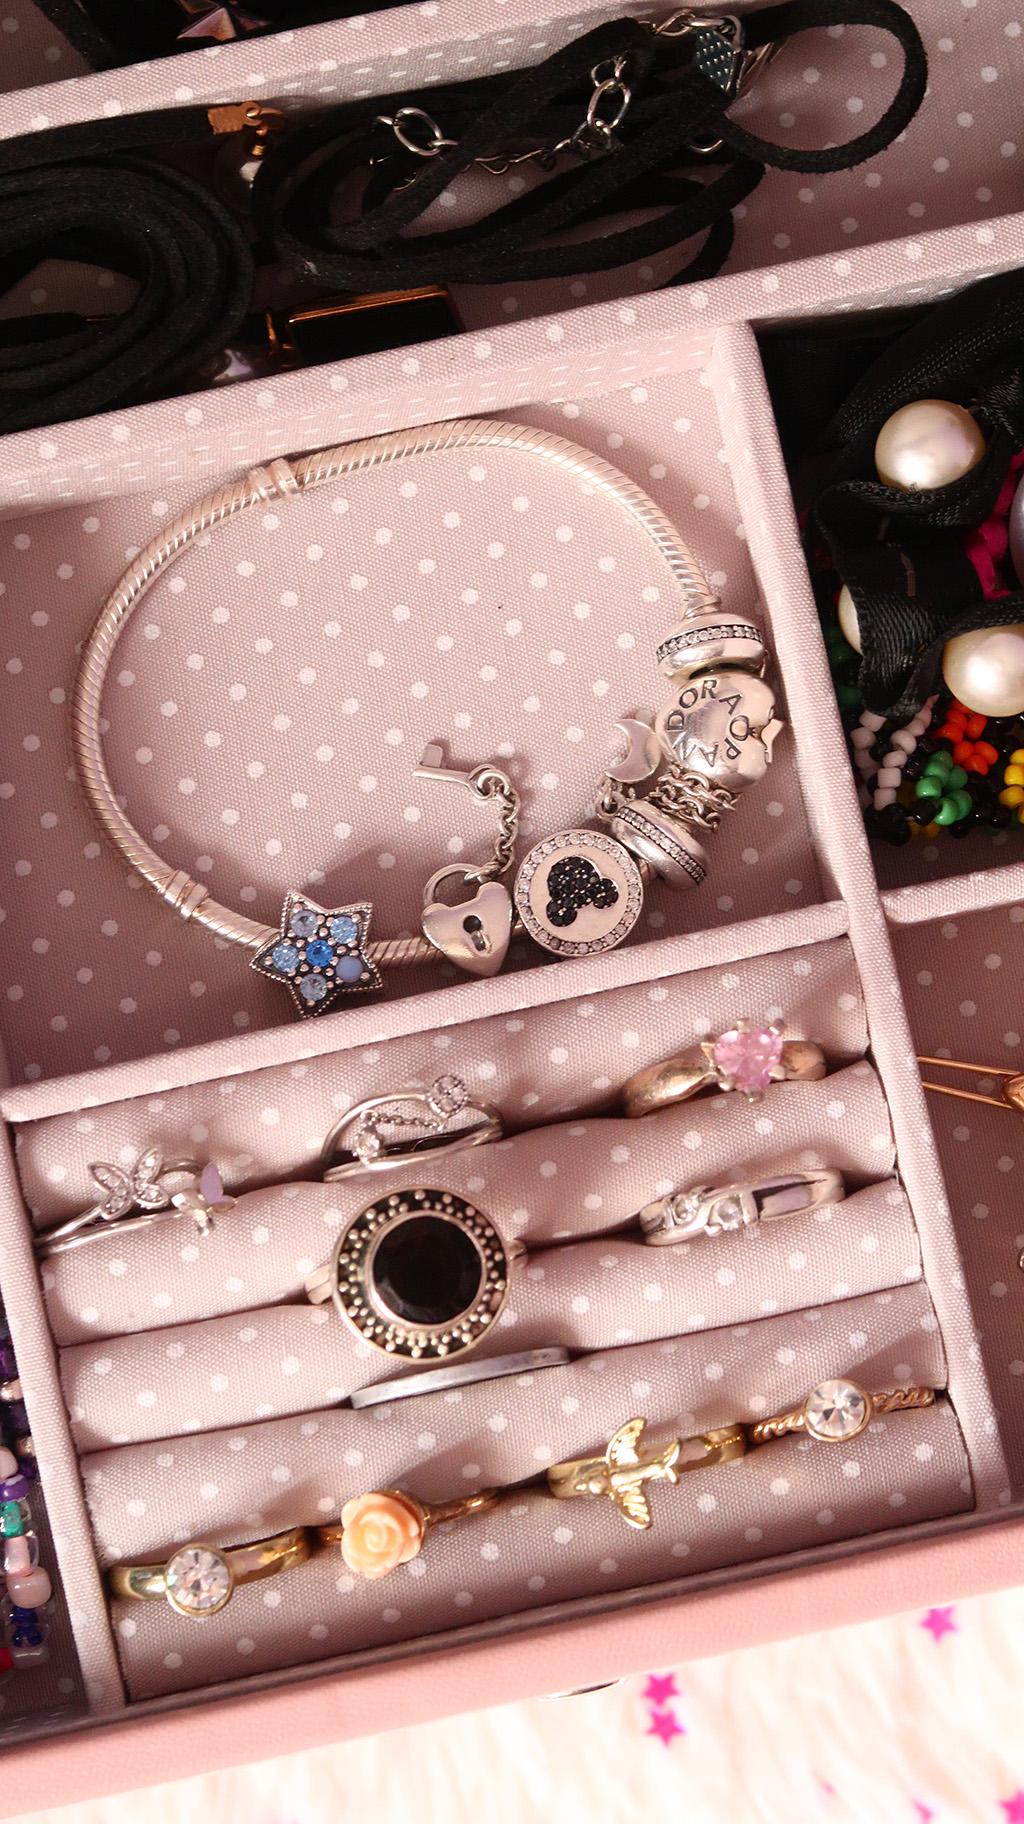 ilux cutie bijuterii pink cloud stackers compartimente cadouri martie